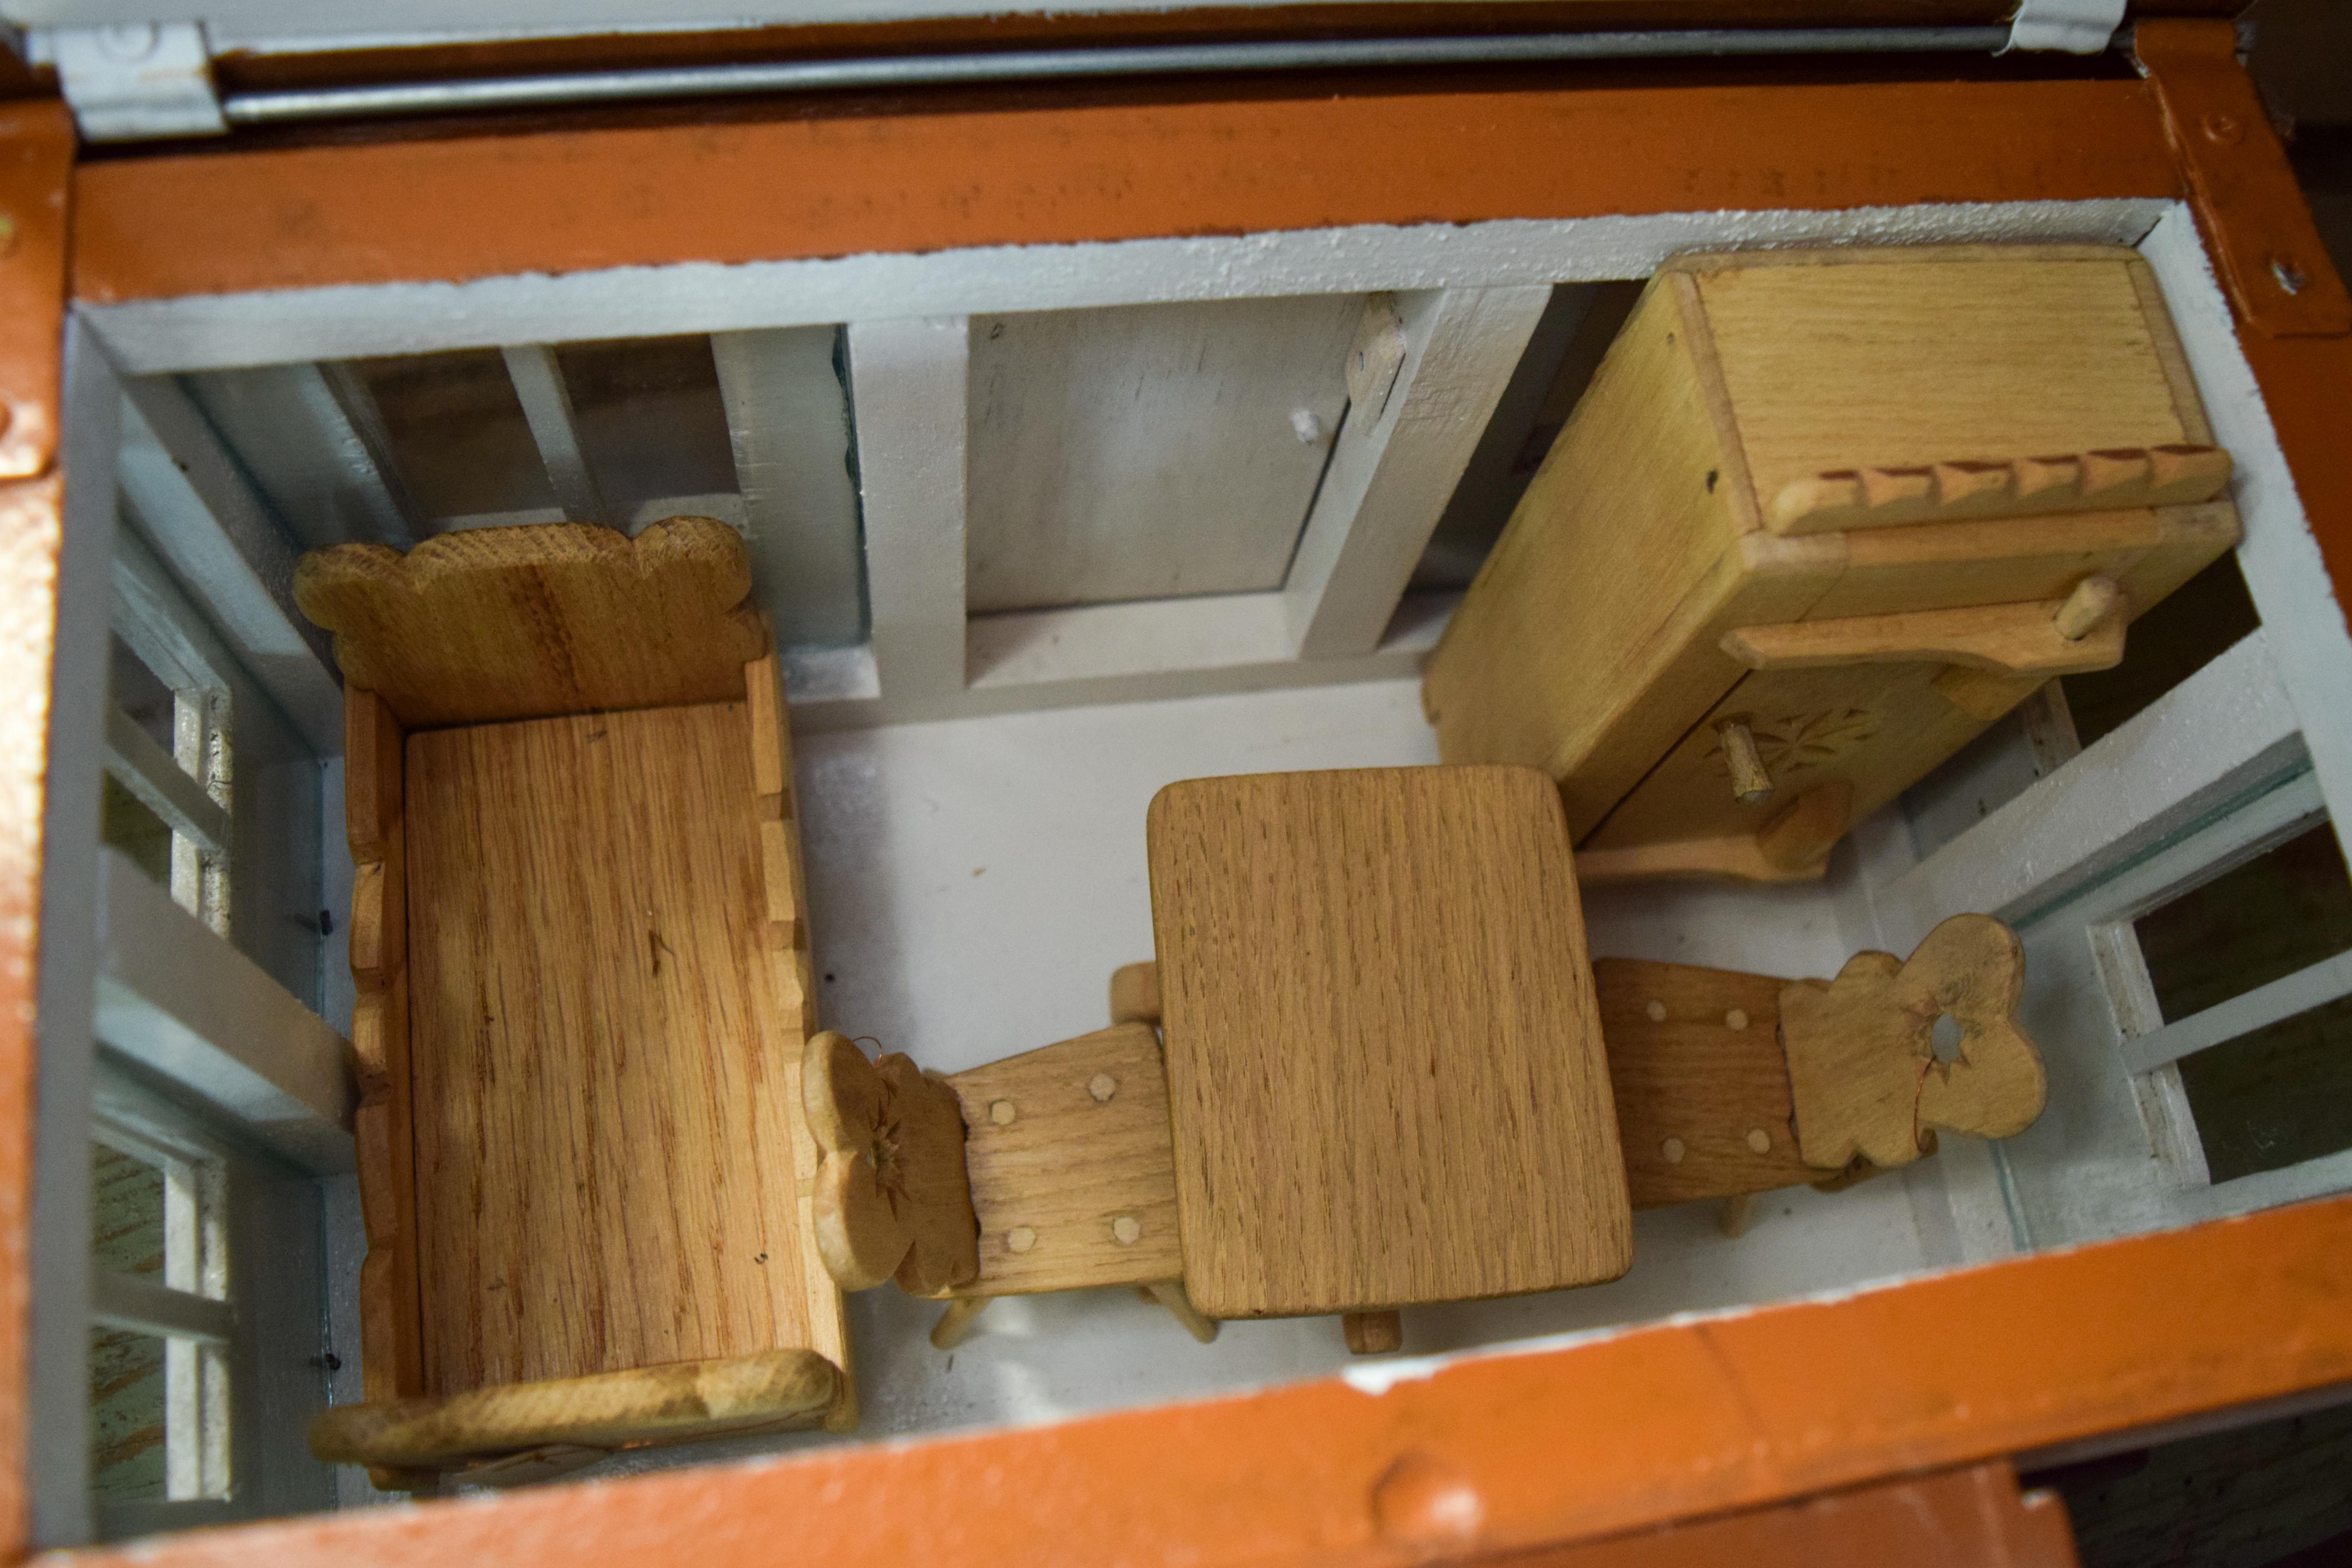 Lėlių namelio su baldais vidus. E. Braziulienės nuotrauka.